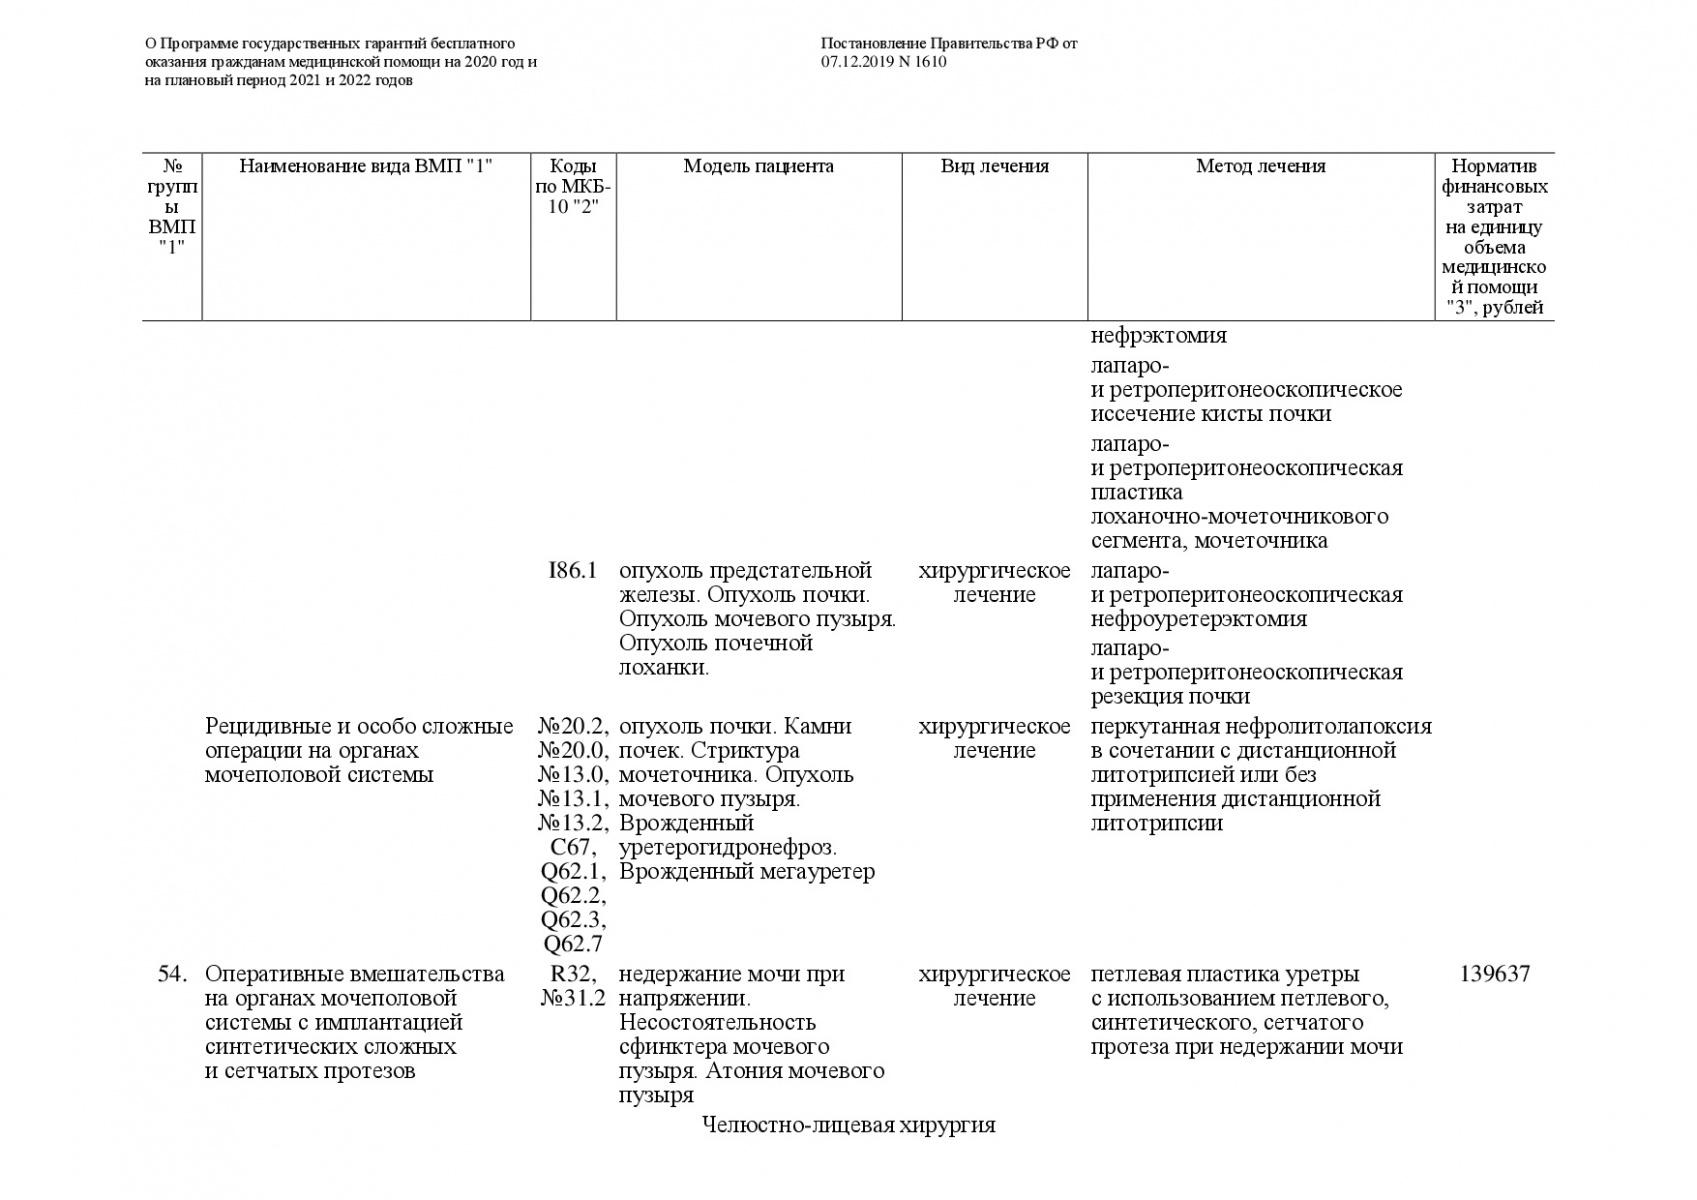 Postanovlenie-Pravitelstva-RF-ot-07_12_2019-1610-O-PGG-133